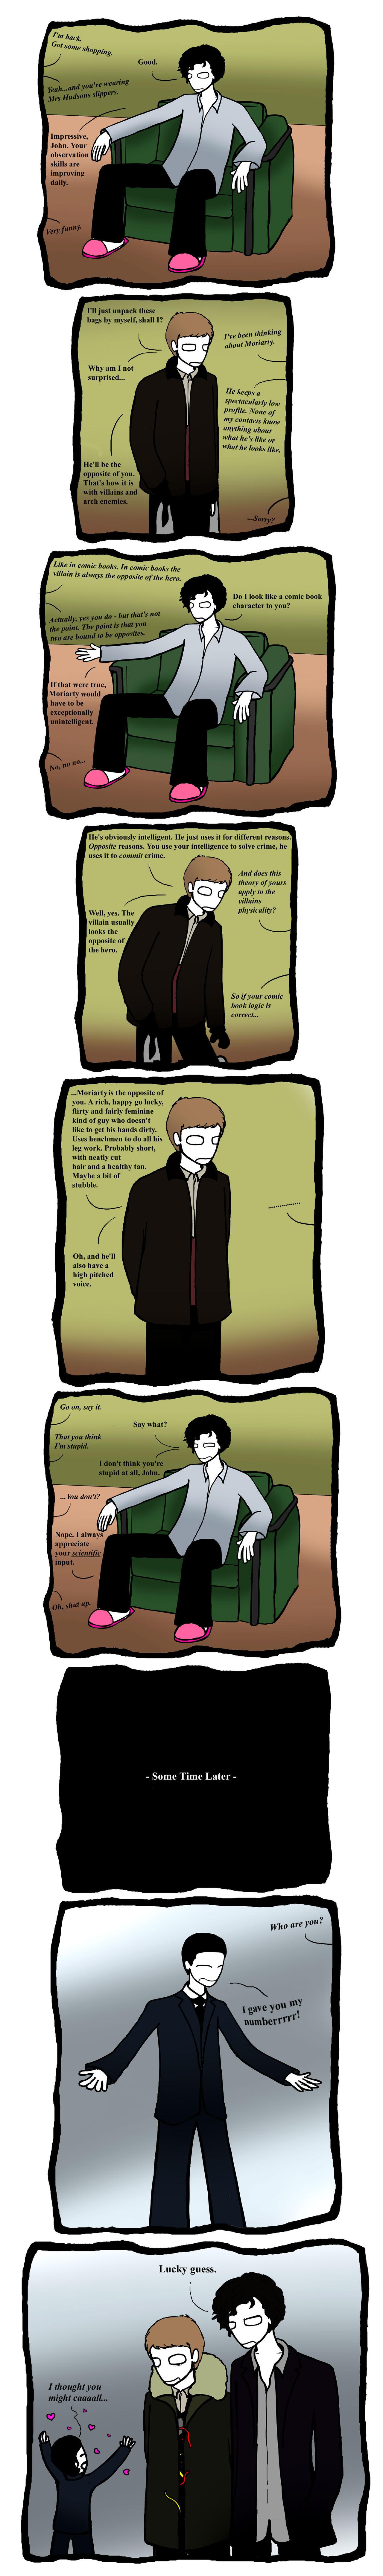 Opposites. -Sherlock Spoiler- by Slinkers